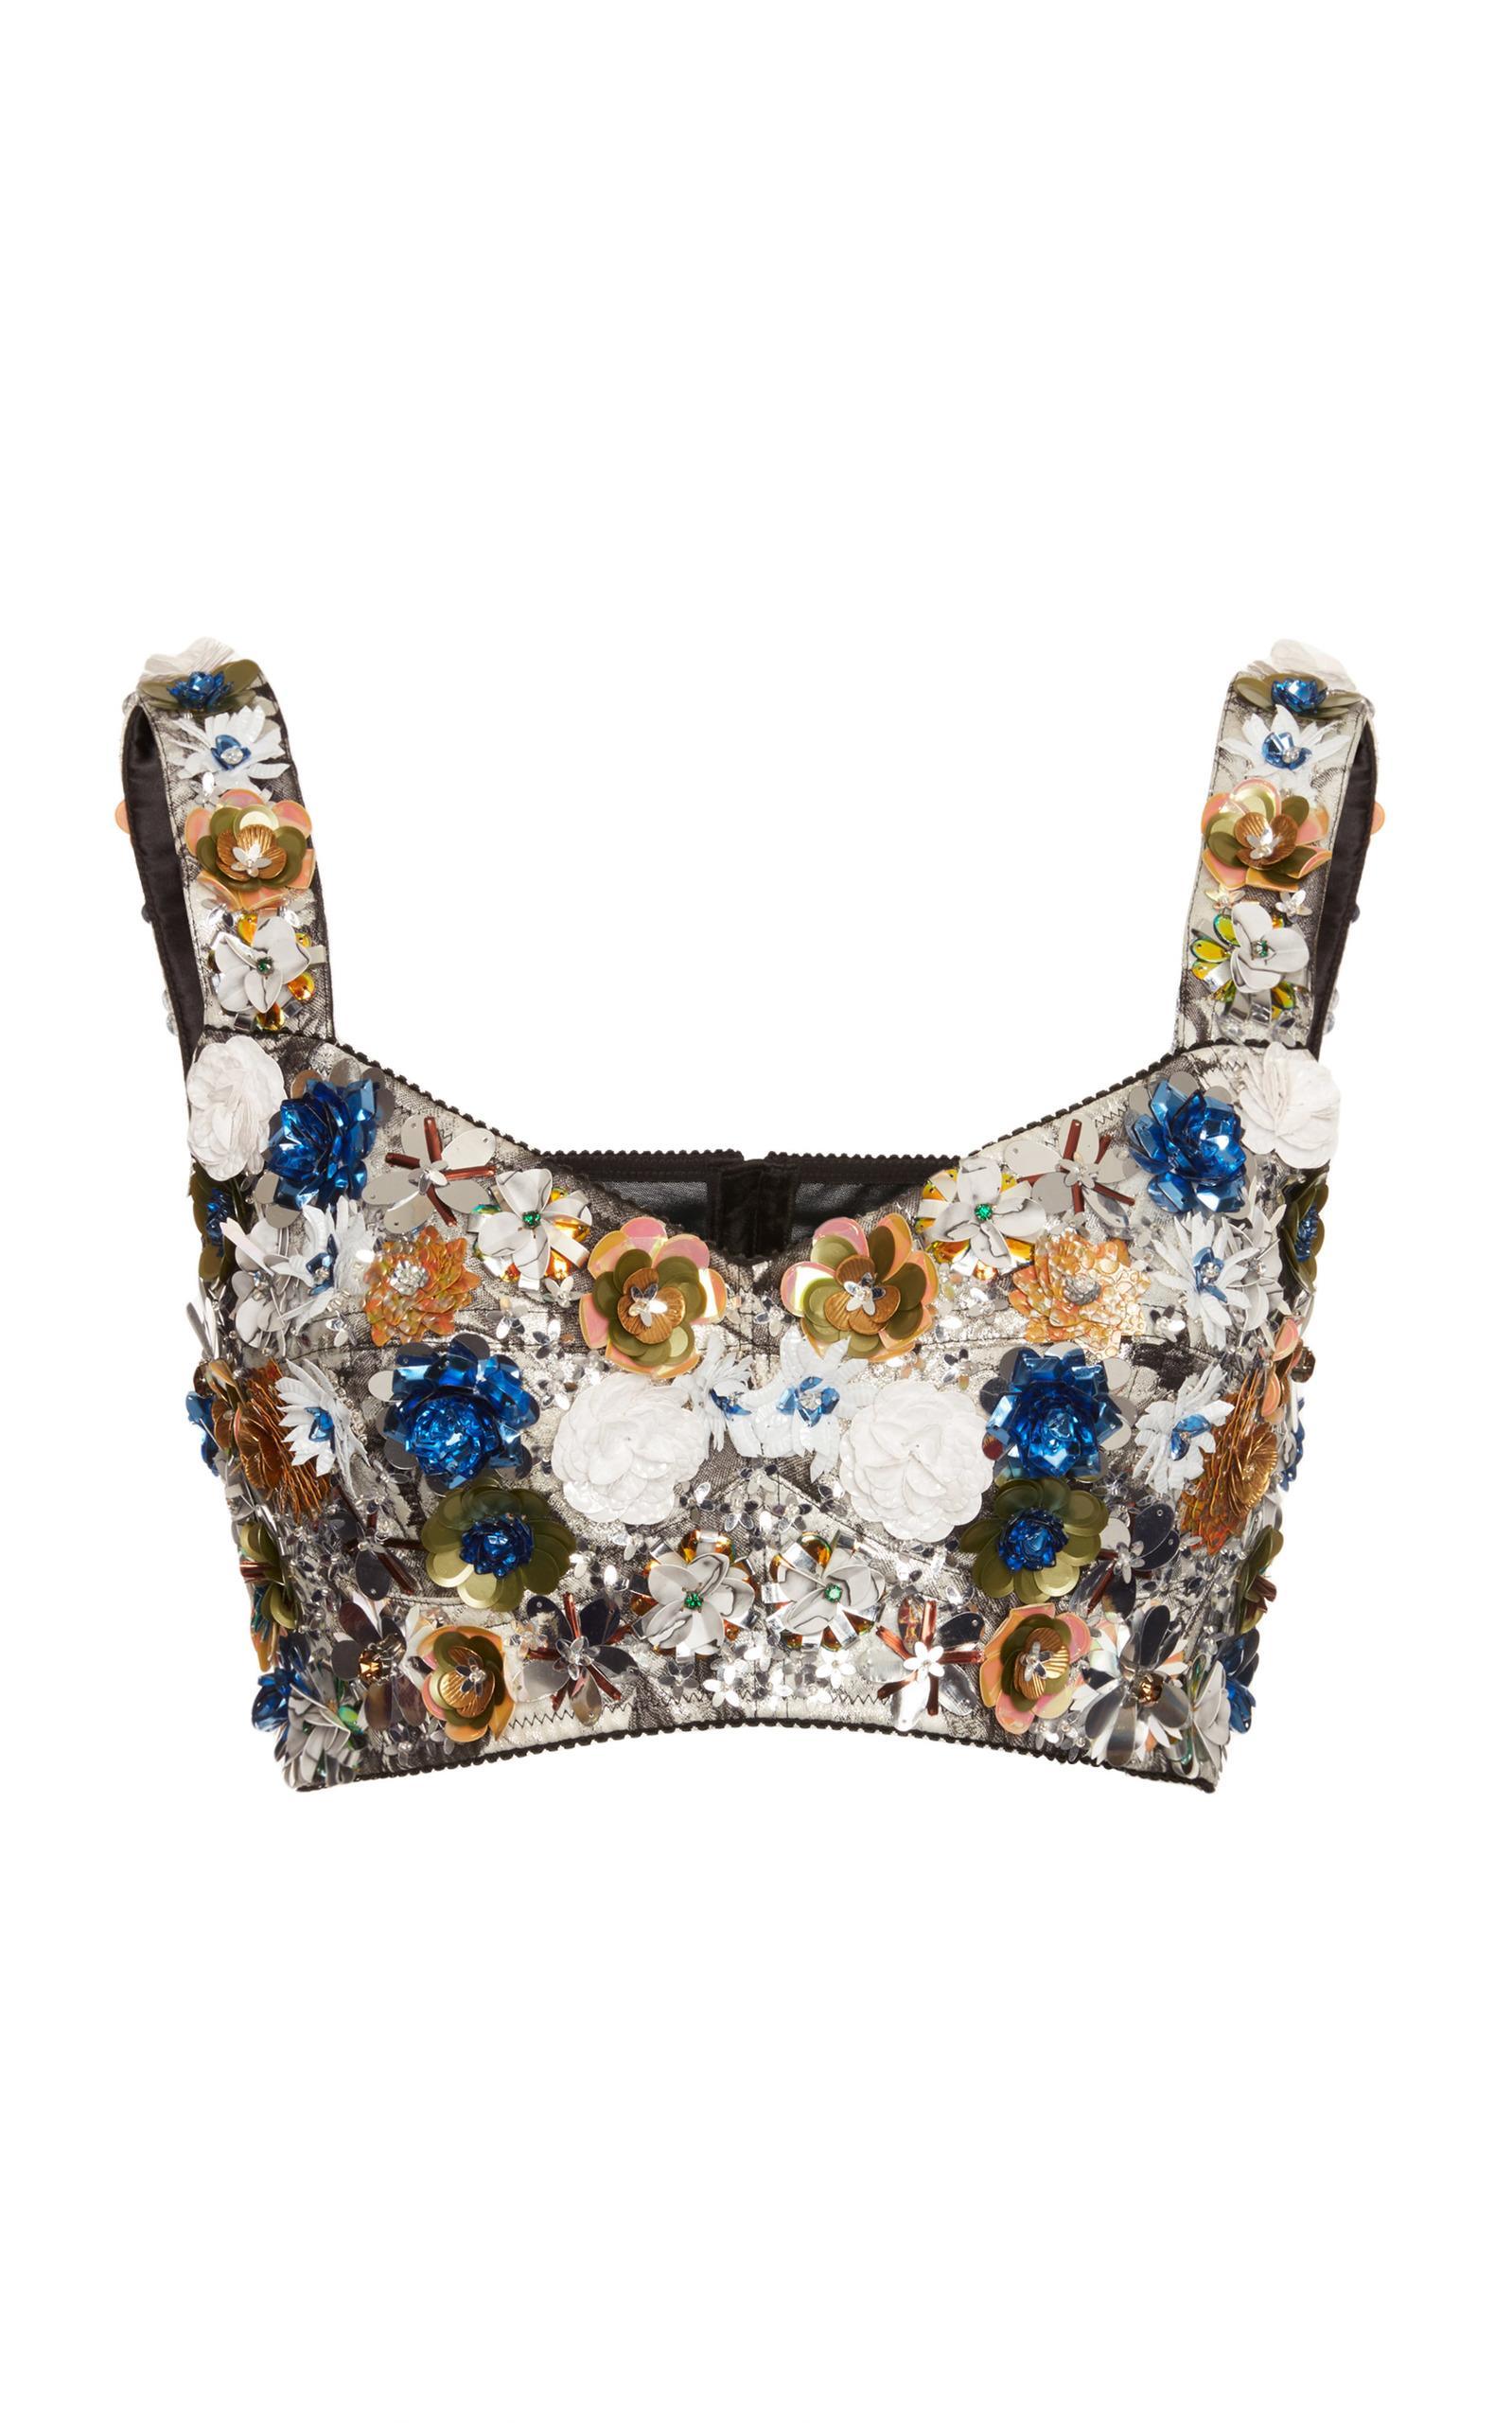 Dolce & Gabbana Sequin Embellished Bralette In Multi